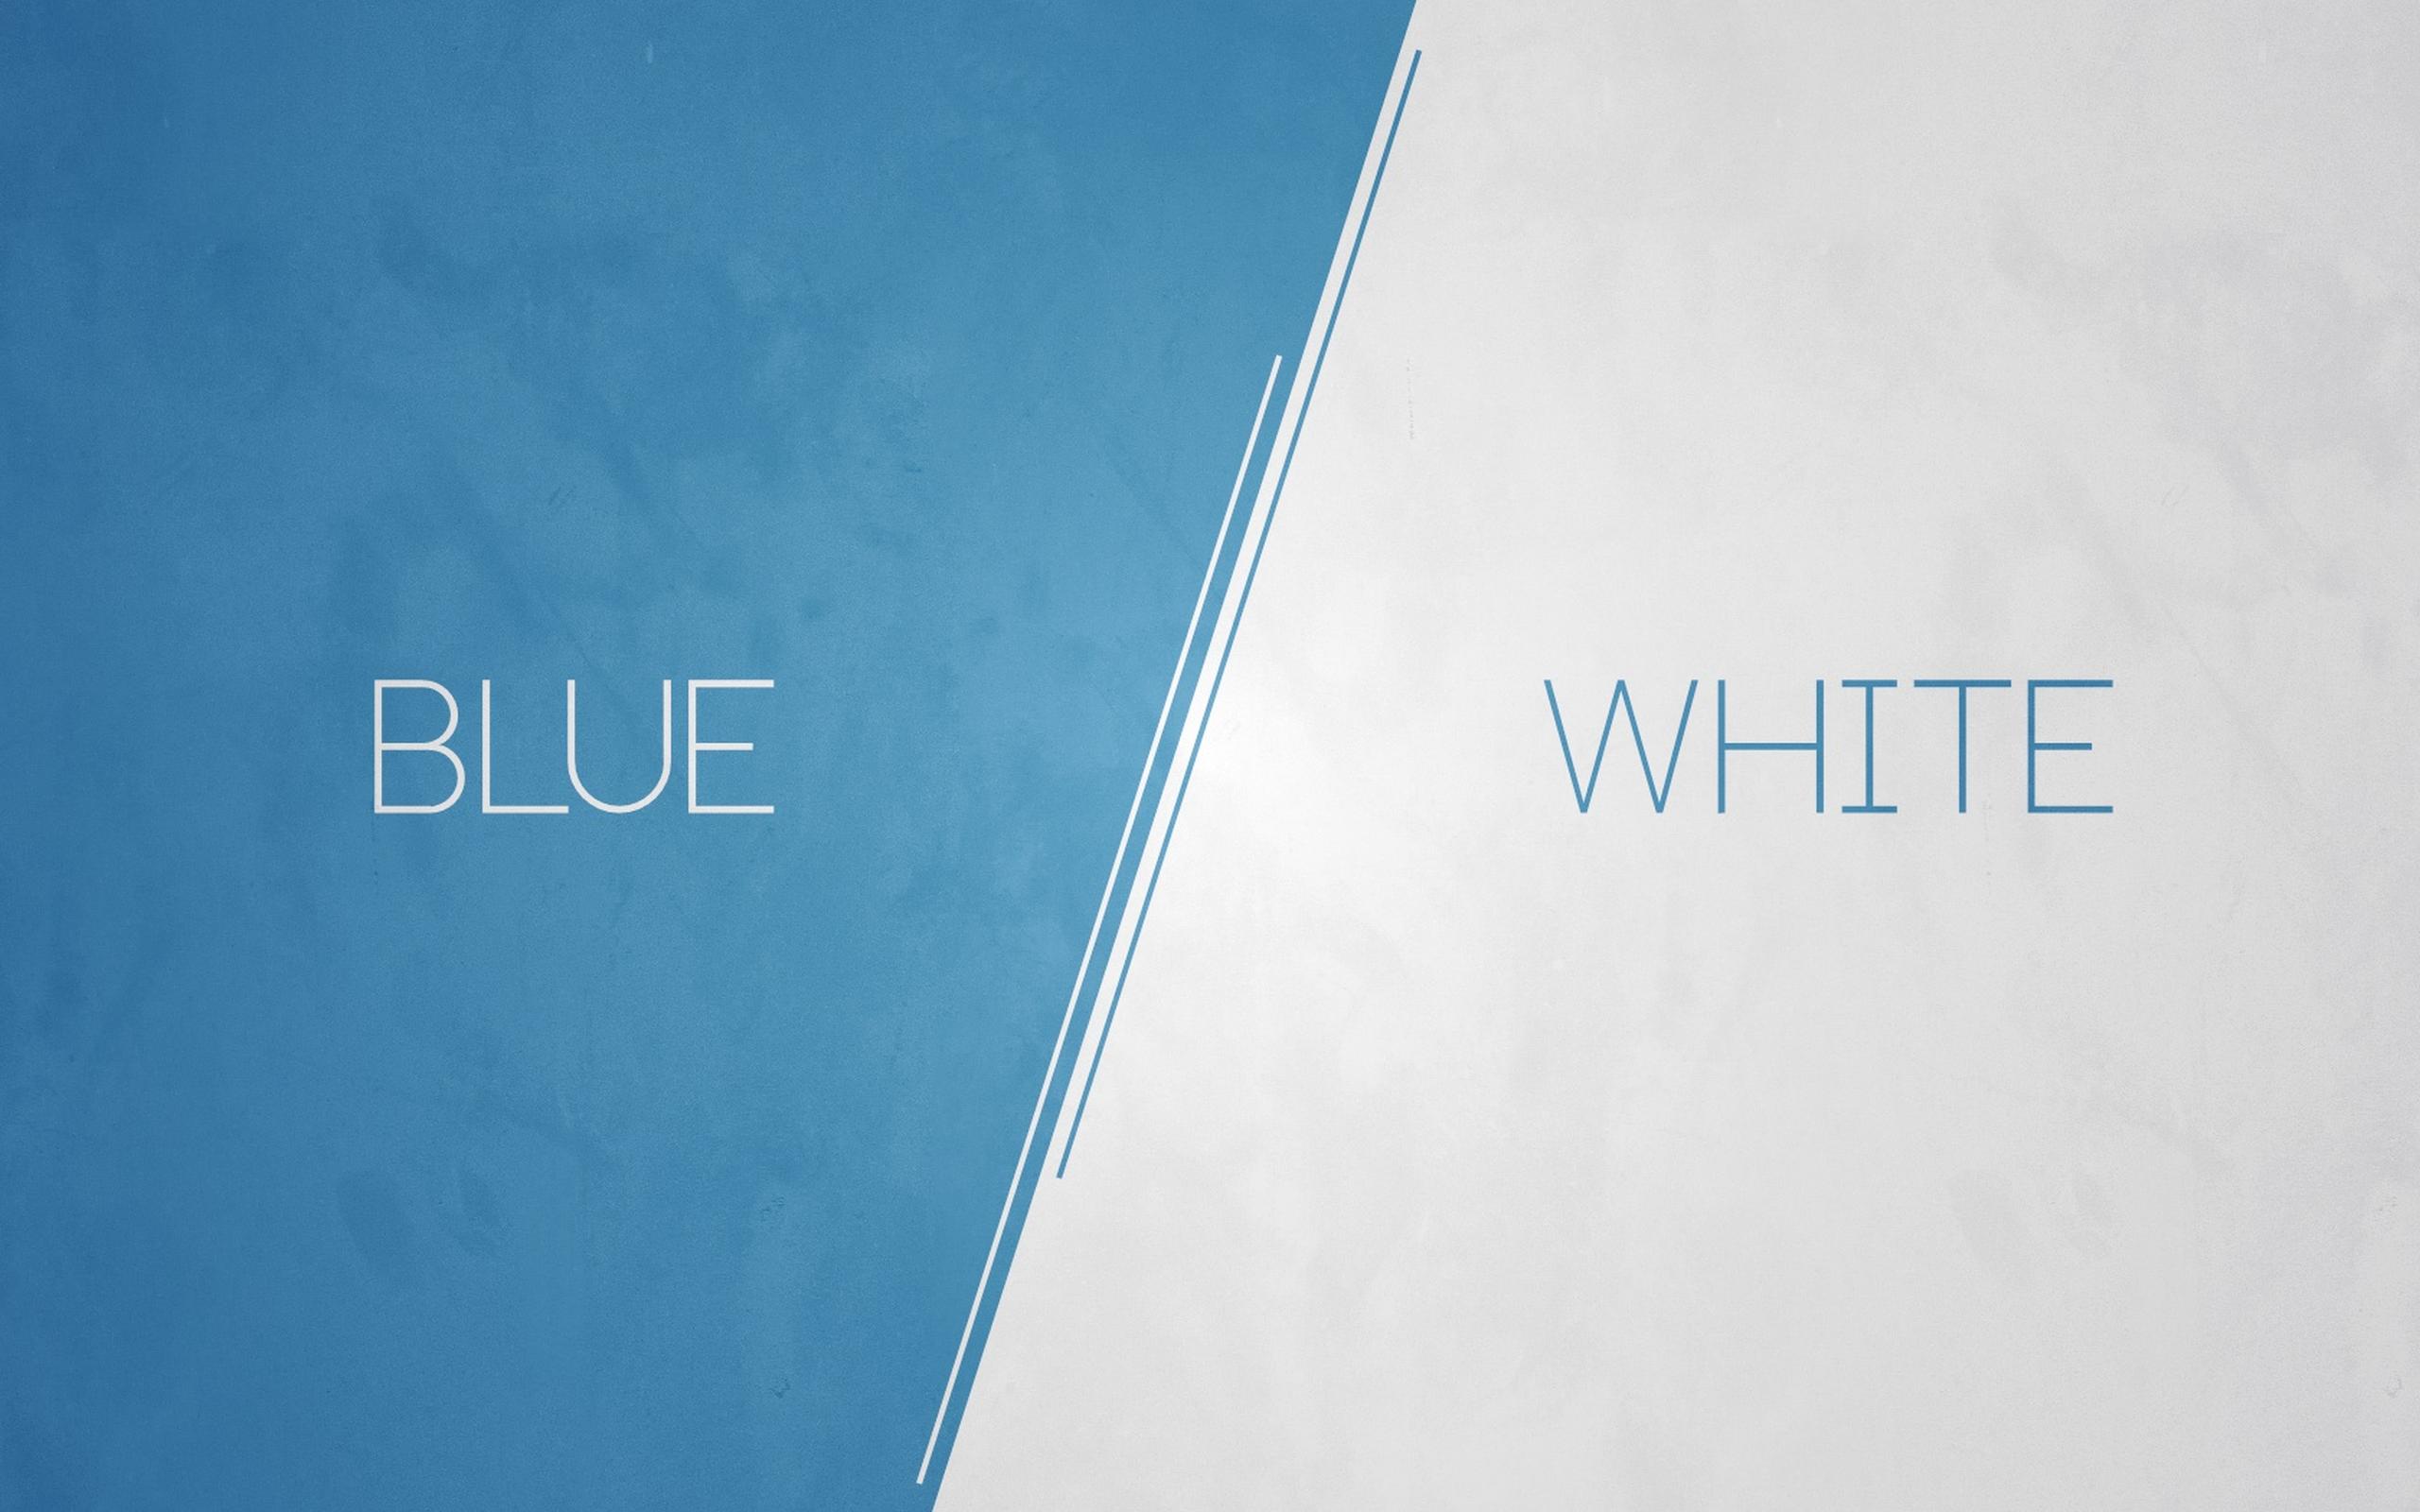 Blue N White Fondo De Pantalla Hd Fondo De Escritorio